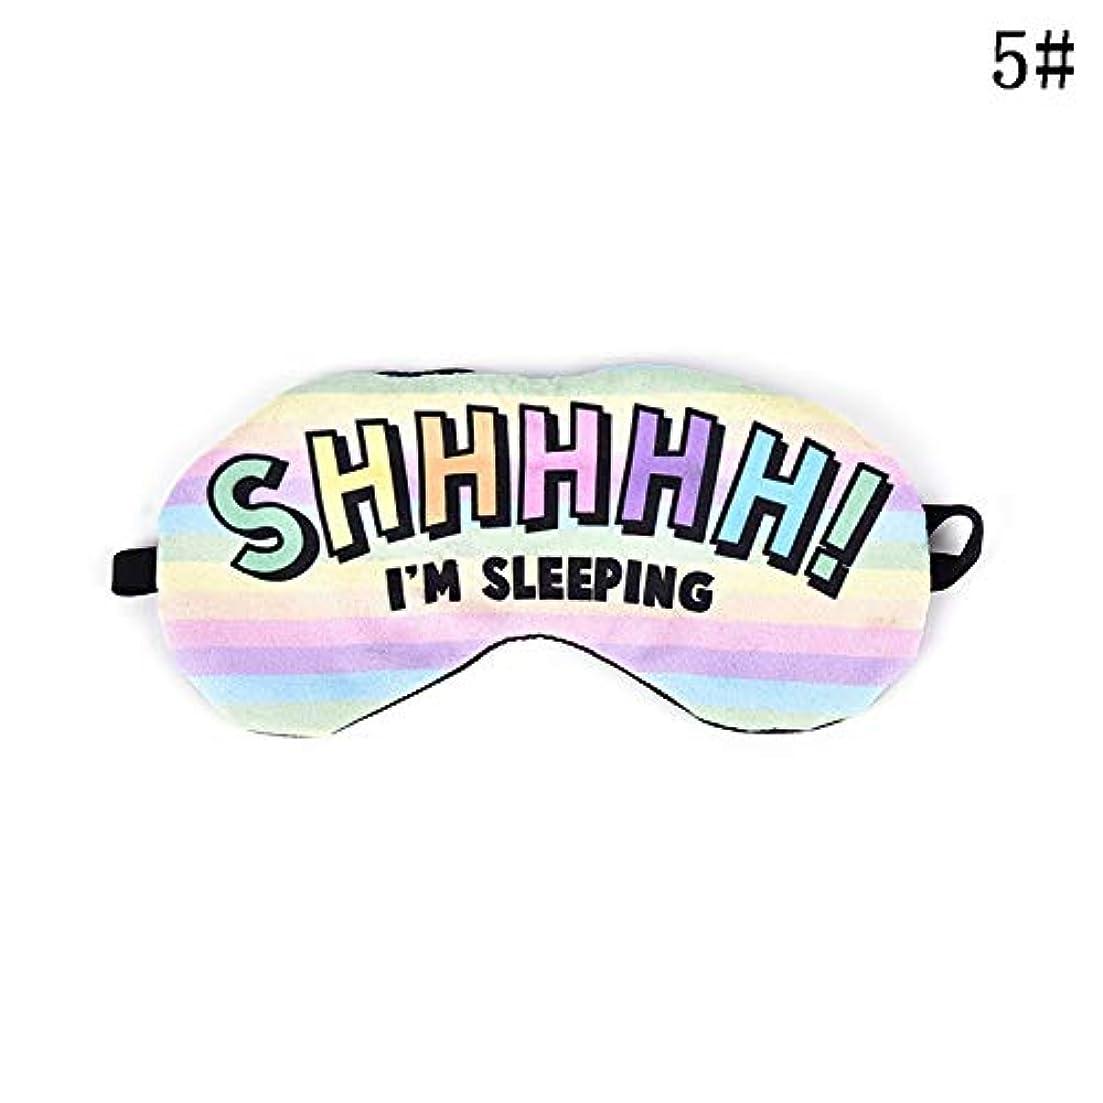 フォーマットエキスやるNOTE 1ピースかわいい睡眠マスク休息リラックス睡眠補助目隠しカバーアイパッチ睡眠マスク旅行アイパッチケース睡眠休息3dアイマスク